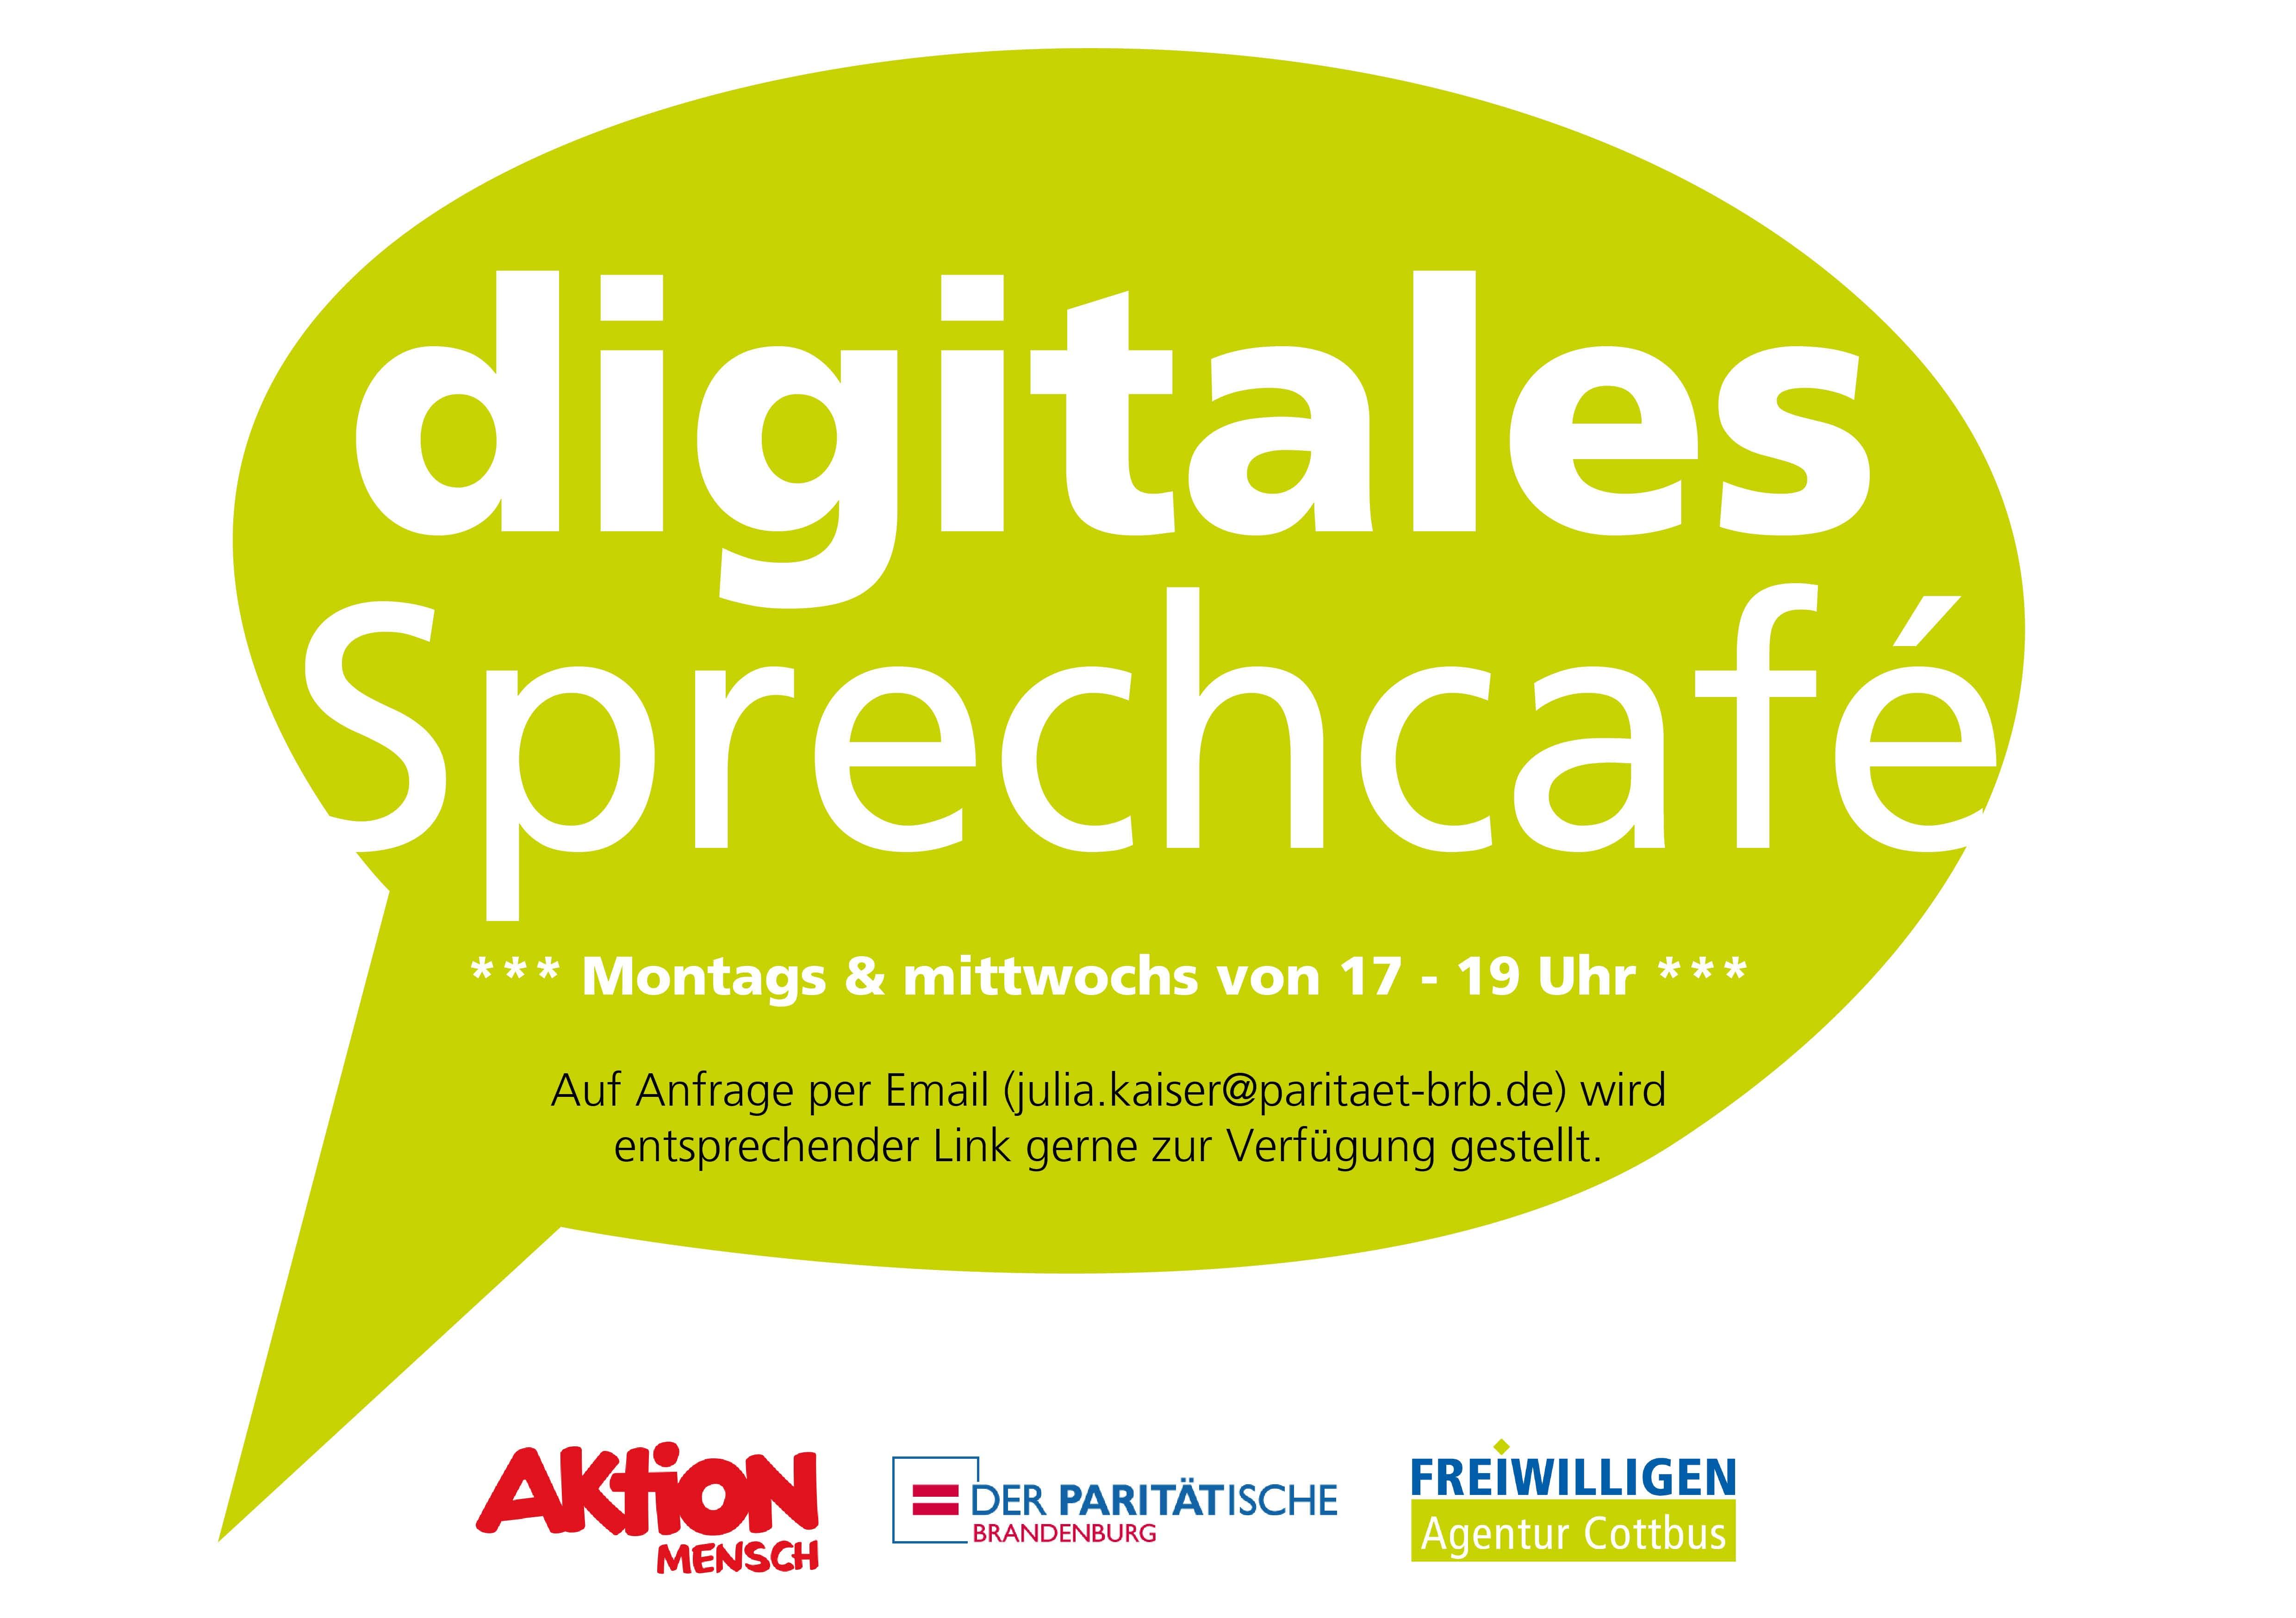 """Sprechblase mit """"digitales Sprechcafé"""" und weiteren Informationen wie Uhrzeit & Kontaktperson"""